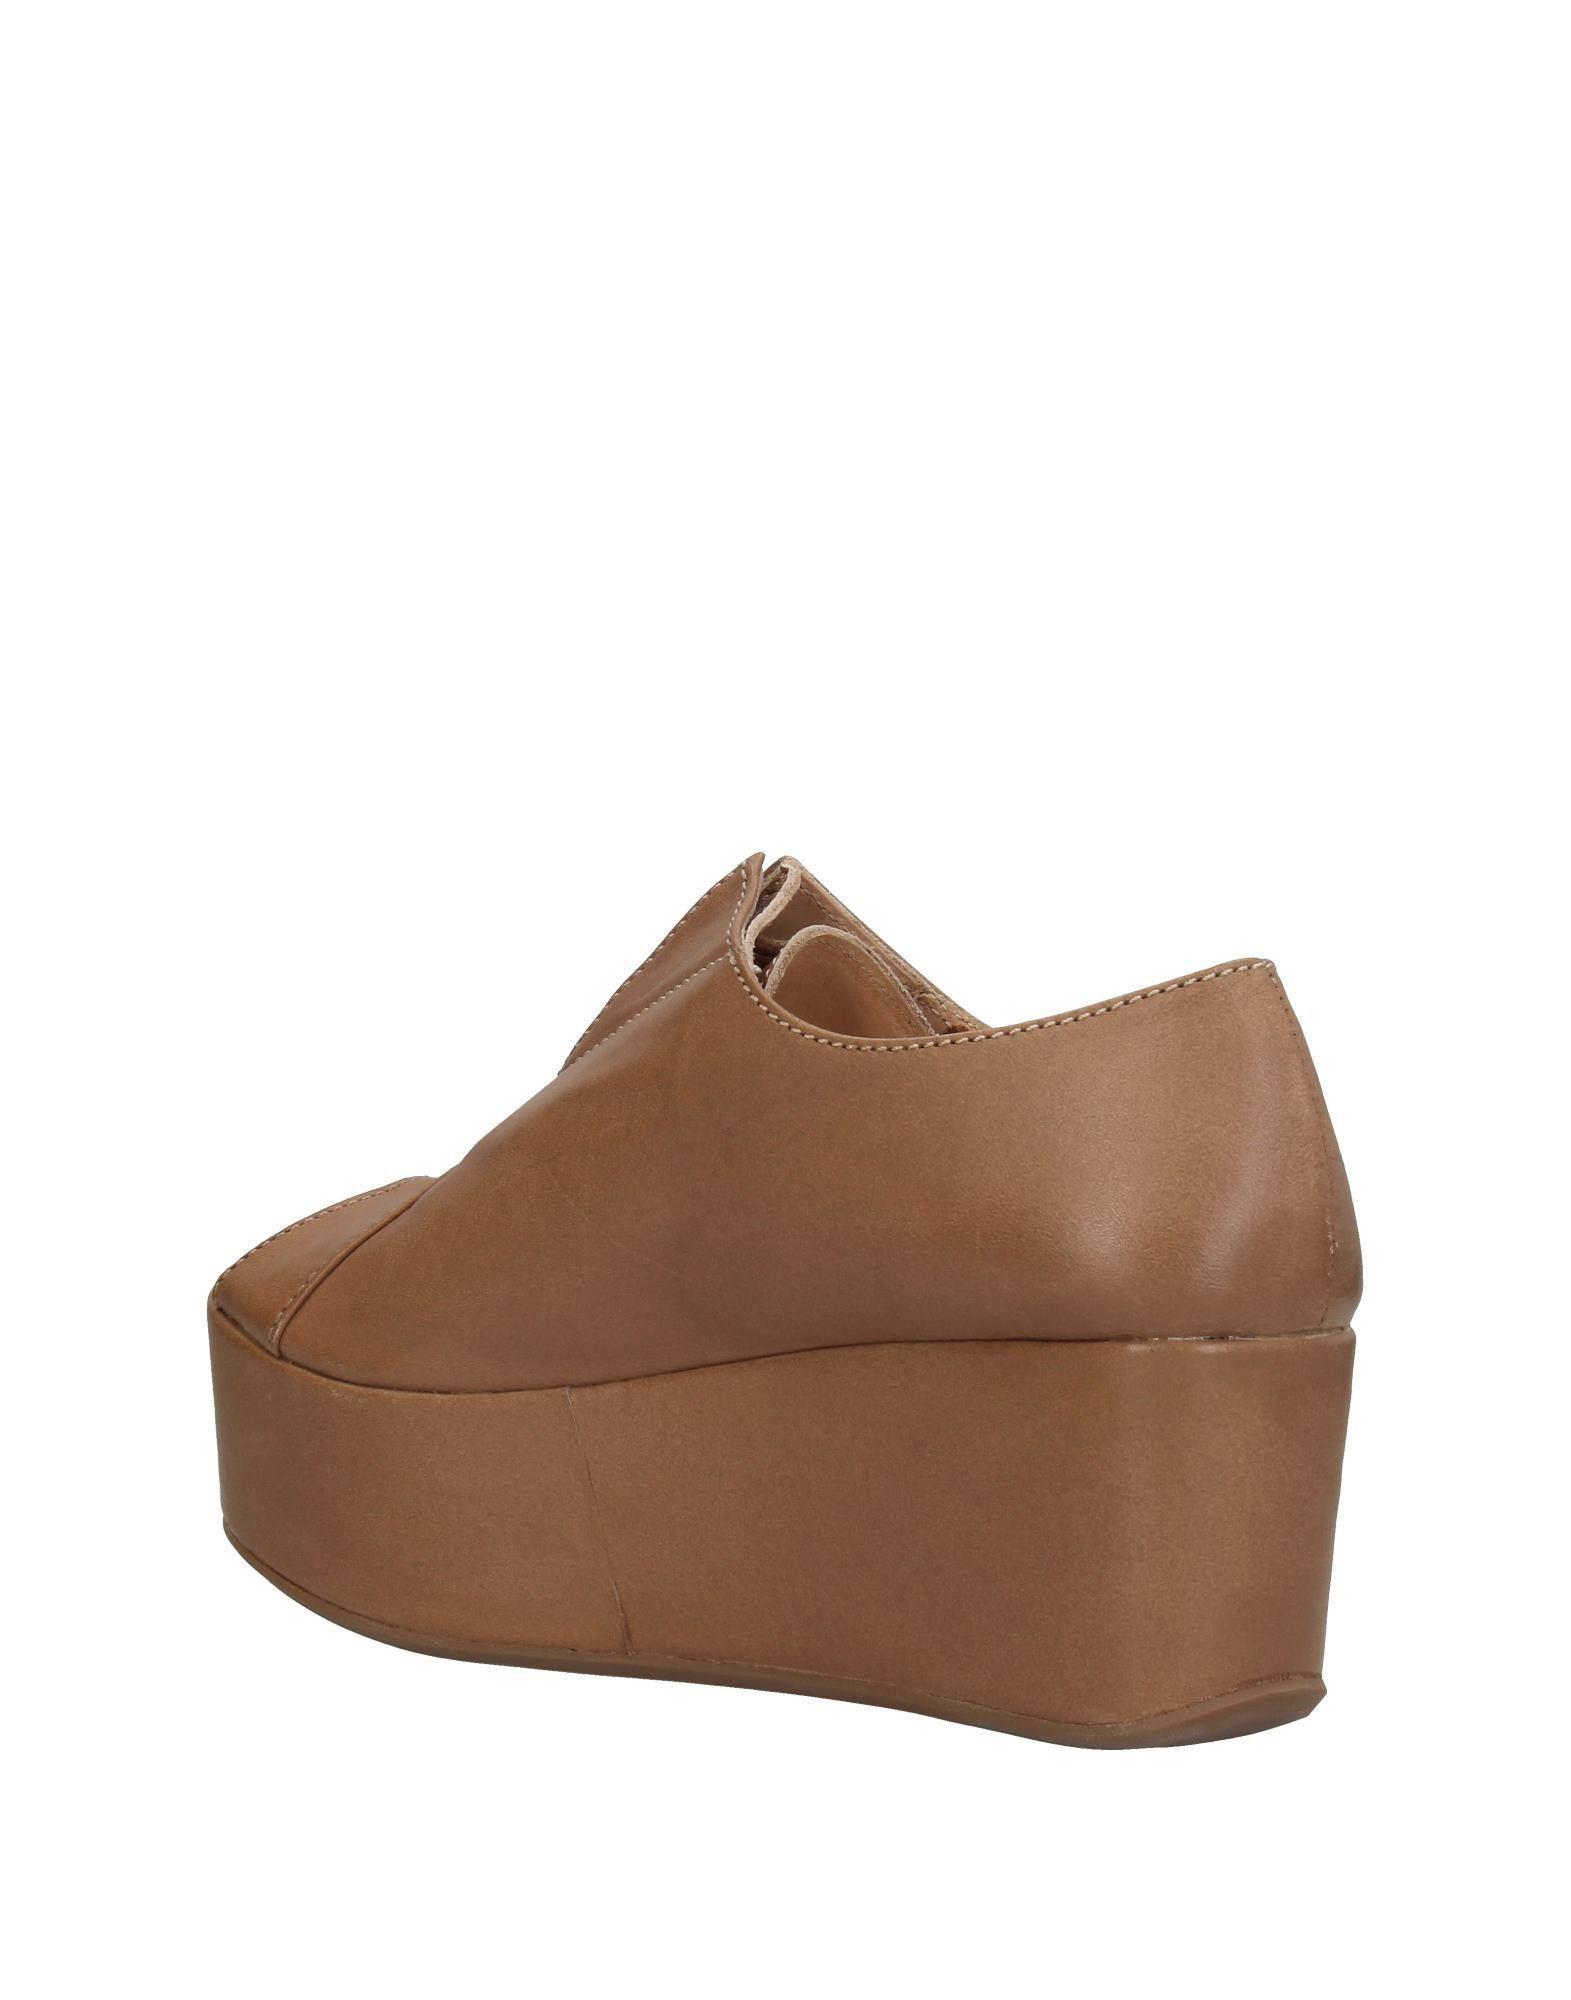 Mania Balear De Chaussures À Lacets dIcUj